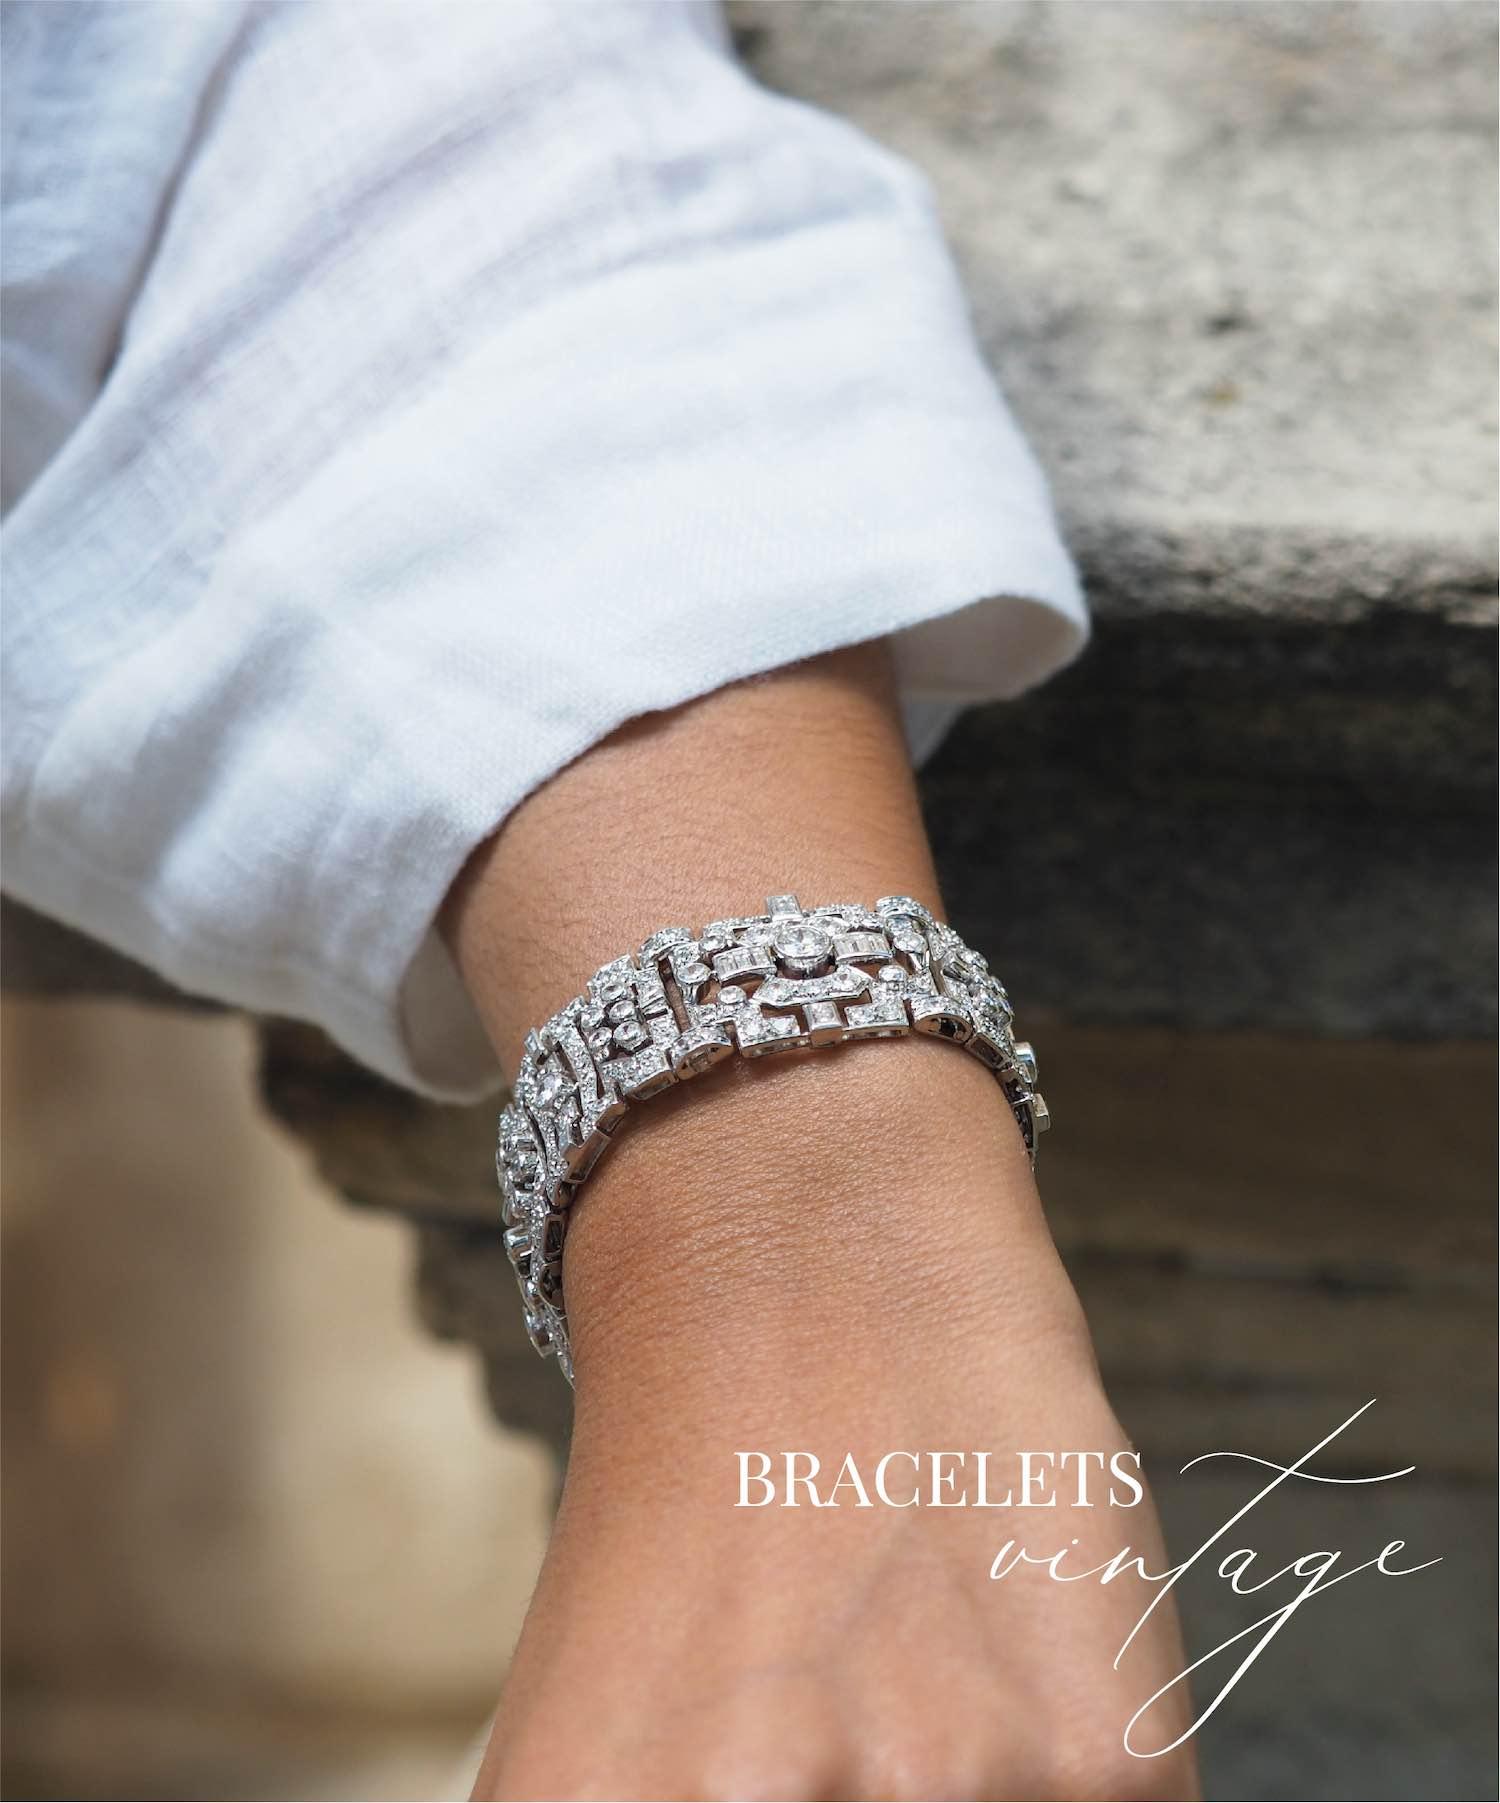 bracelets d'occasion anciens